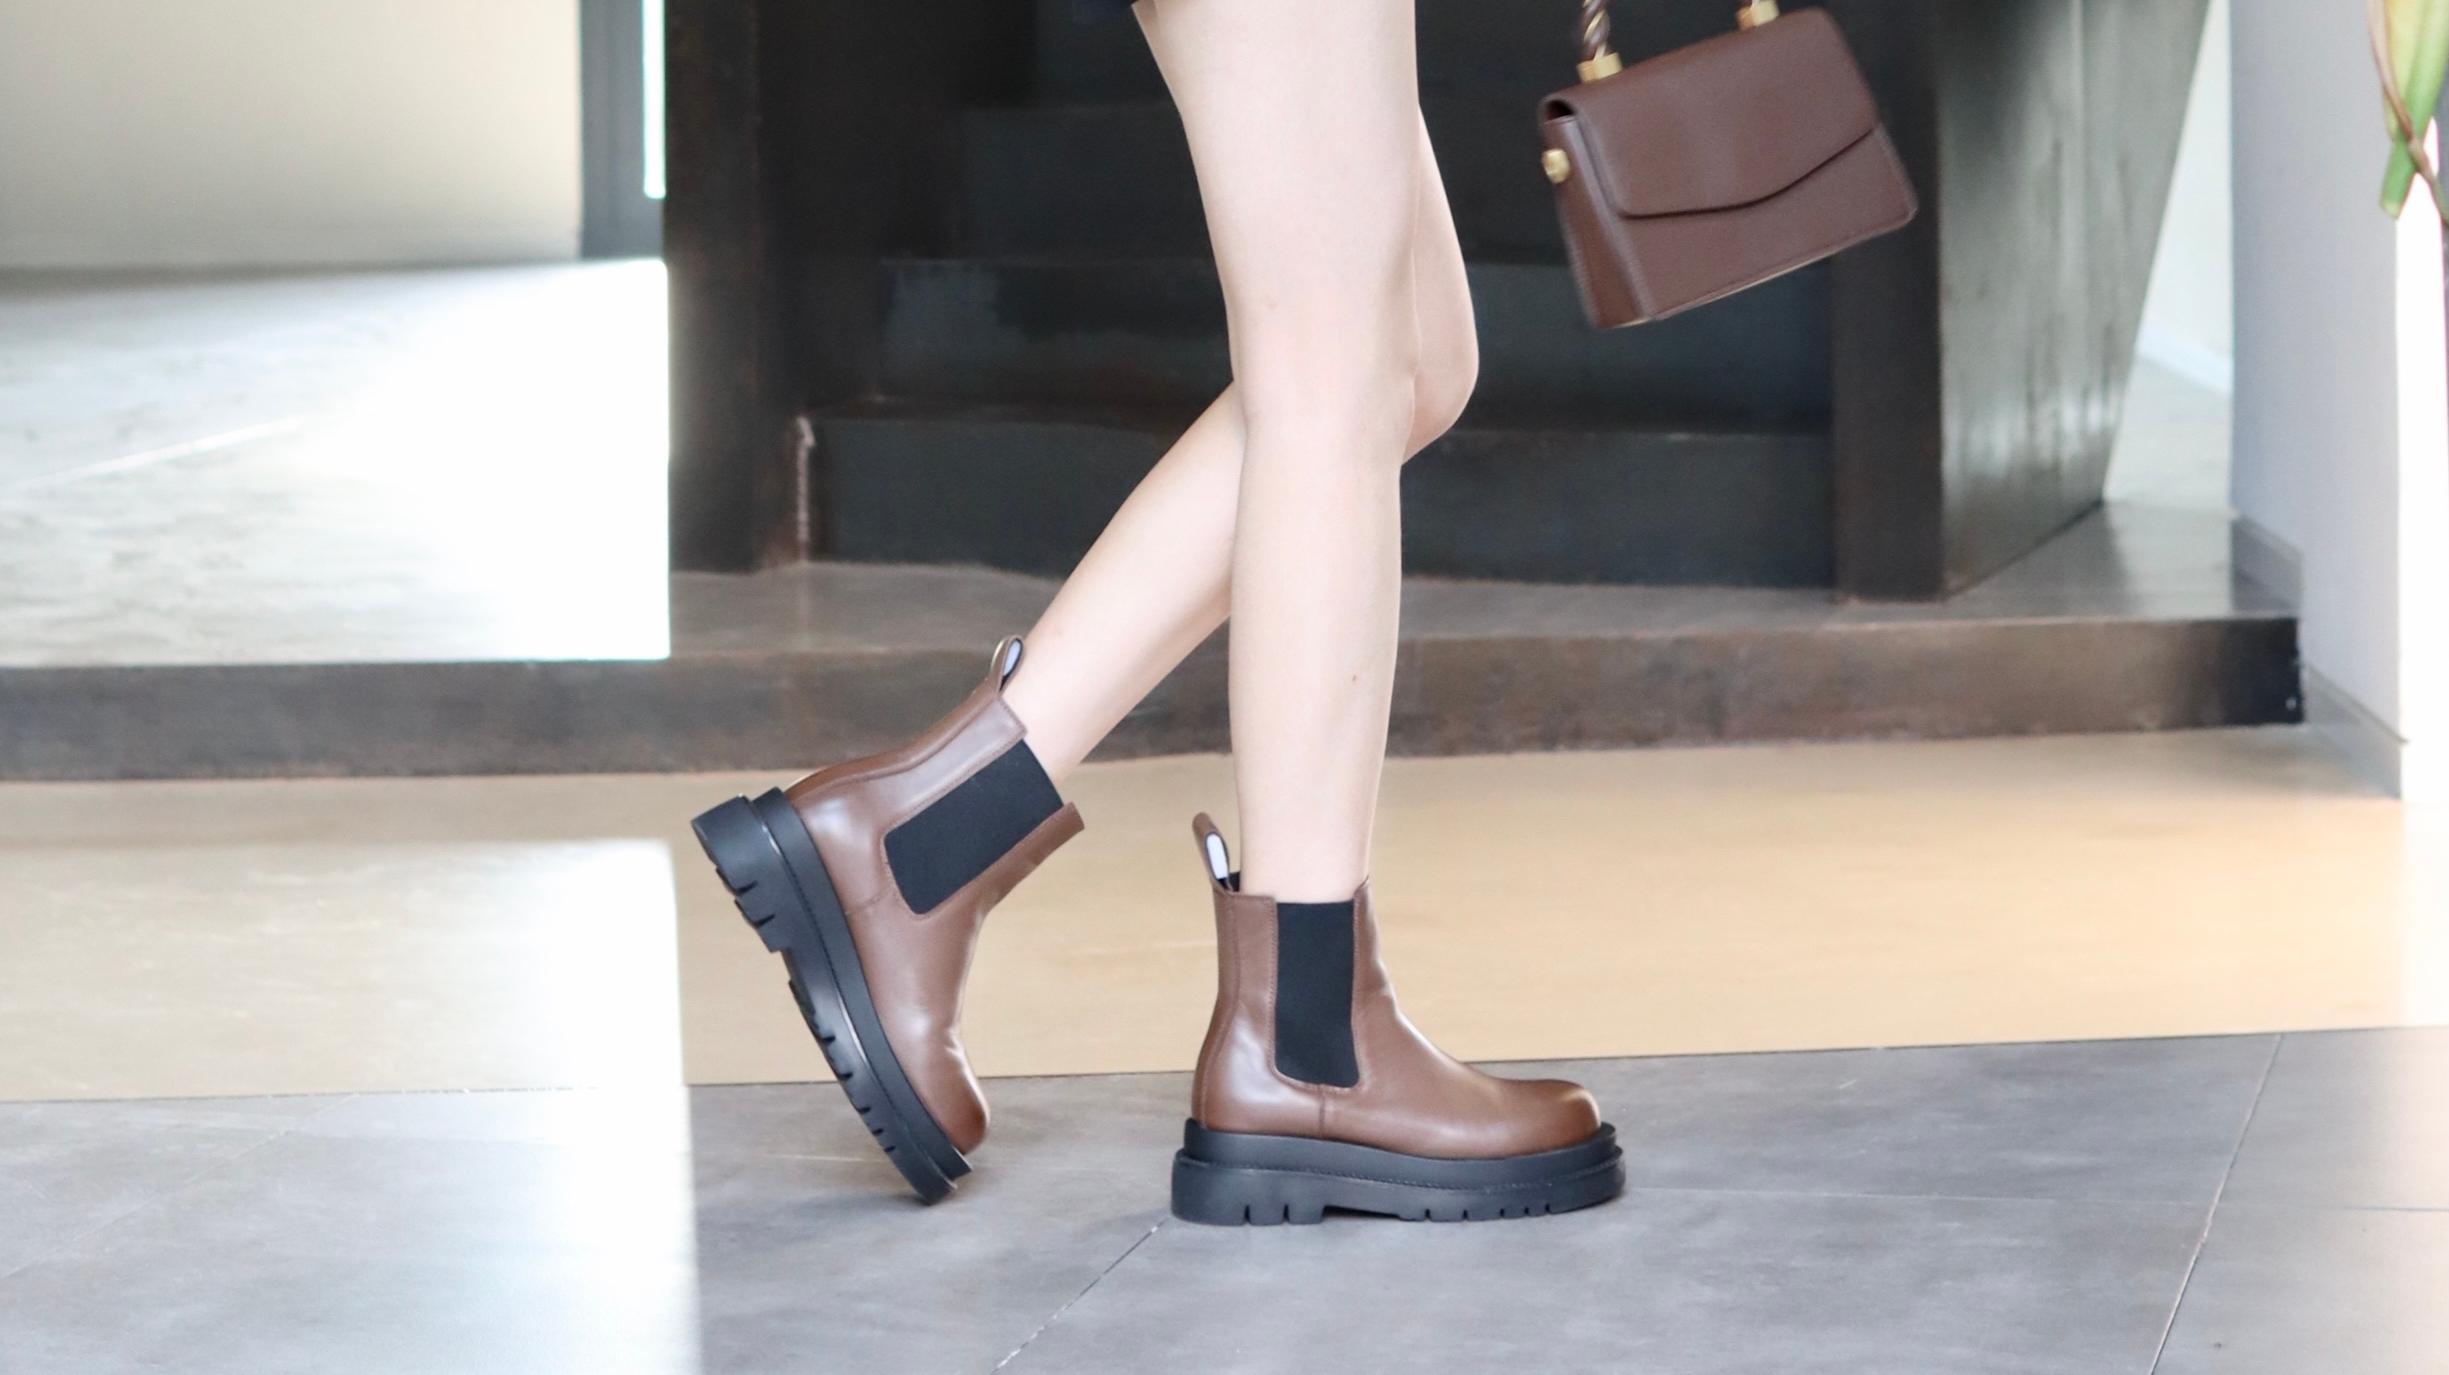 时尚潮流切尔西靴,甜美酷帅上街有亮点!